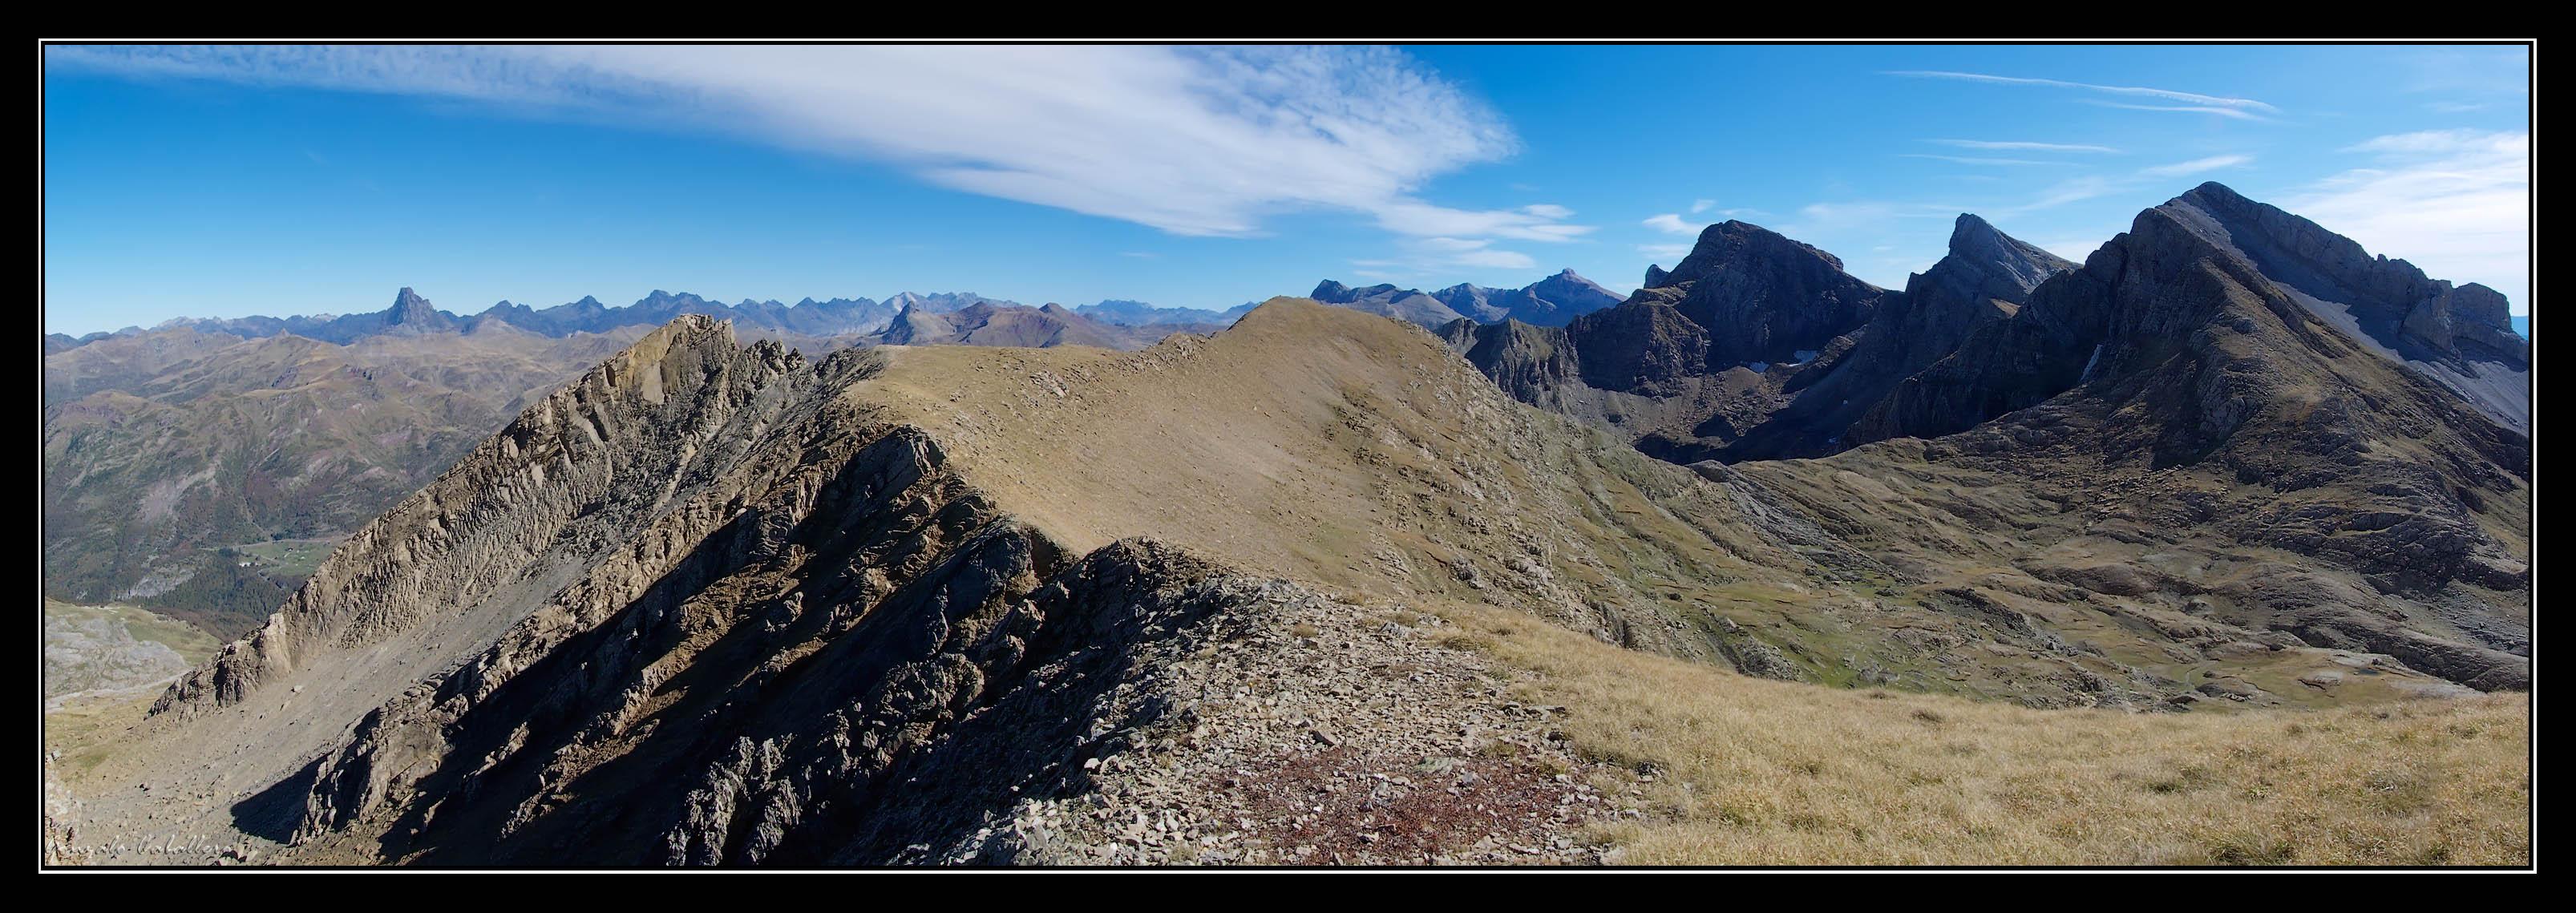 Cresta que une el Puntal del Bozo (2407 m.) con Ruabe del Bozo (2419 m.)